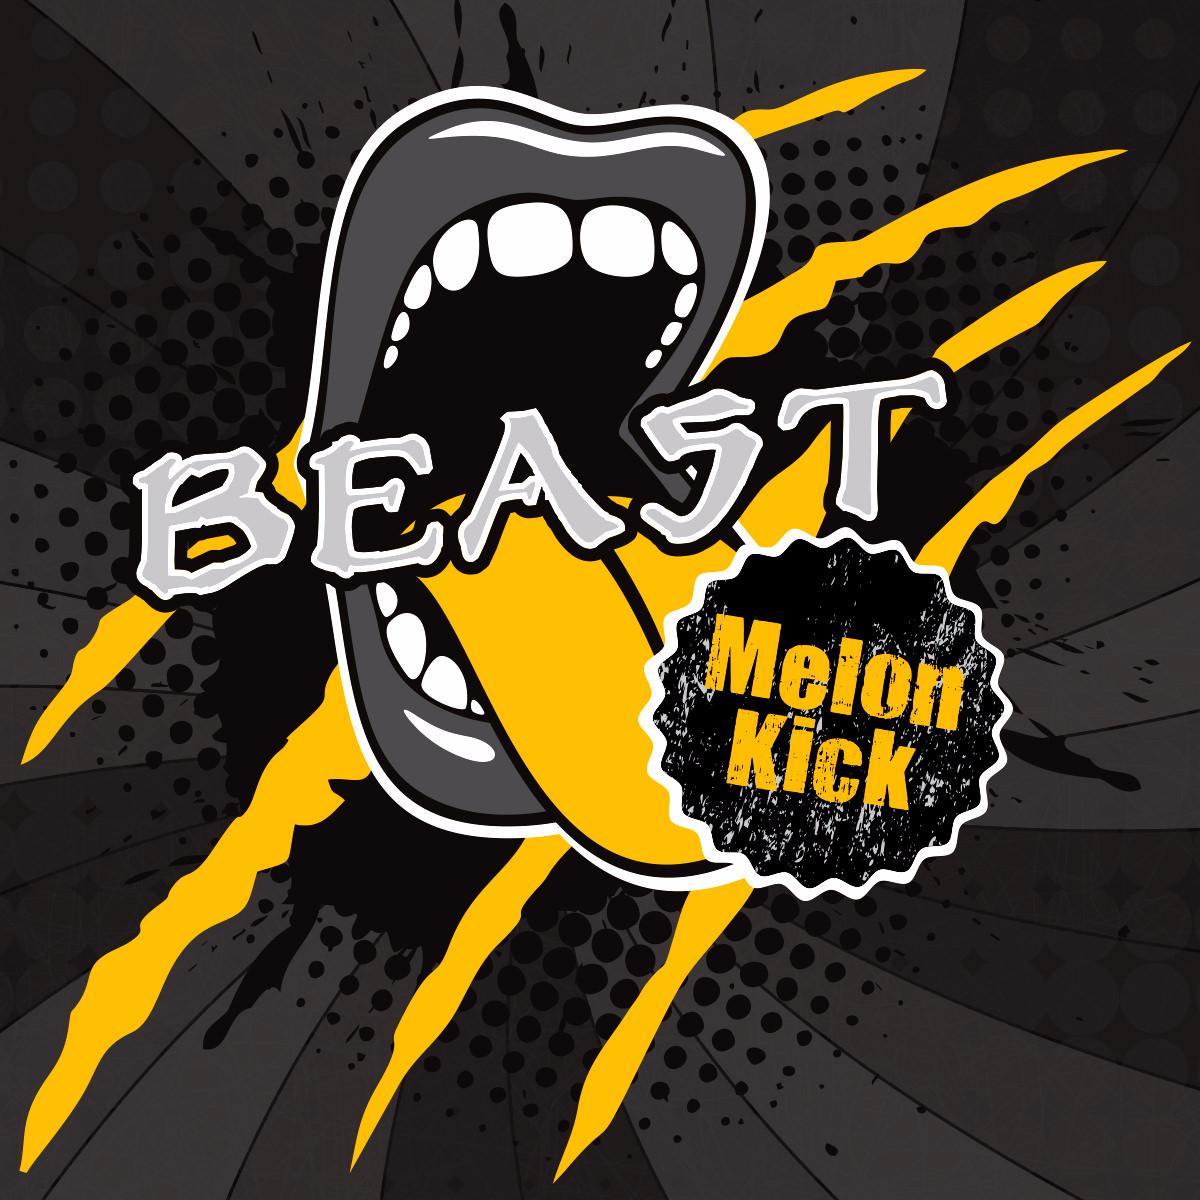 Příchuť Big Mouth Beast Melon Kick (Energetický nápoj s melounem)